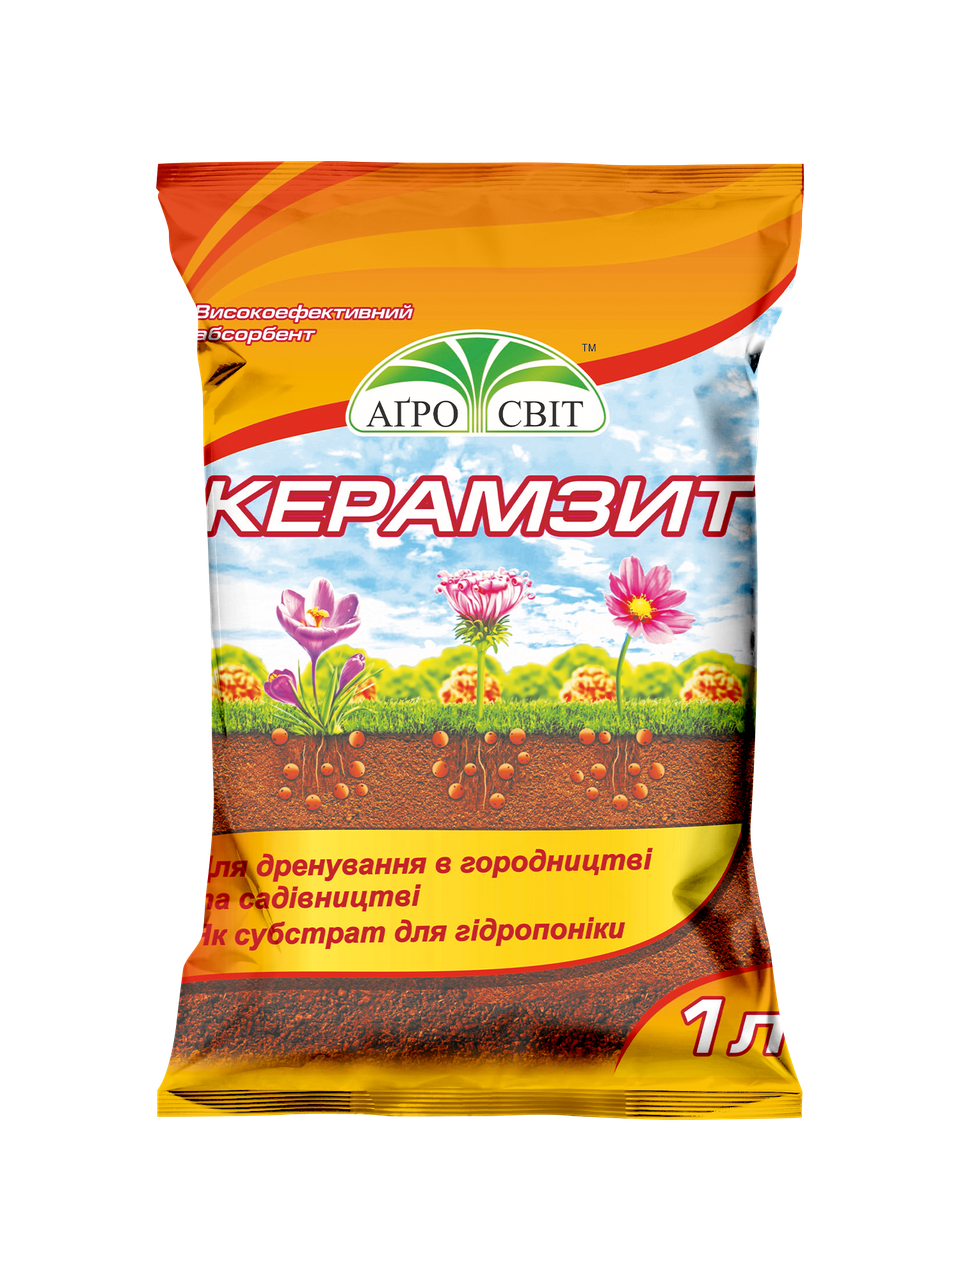 Керамзит, 1 л